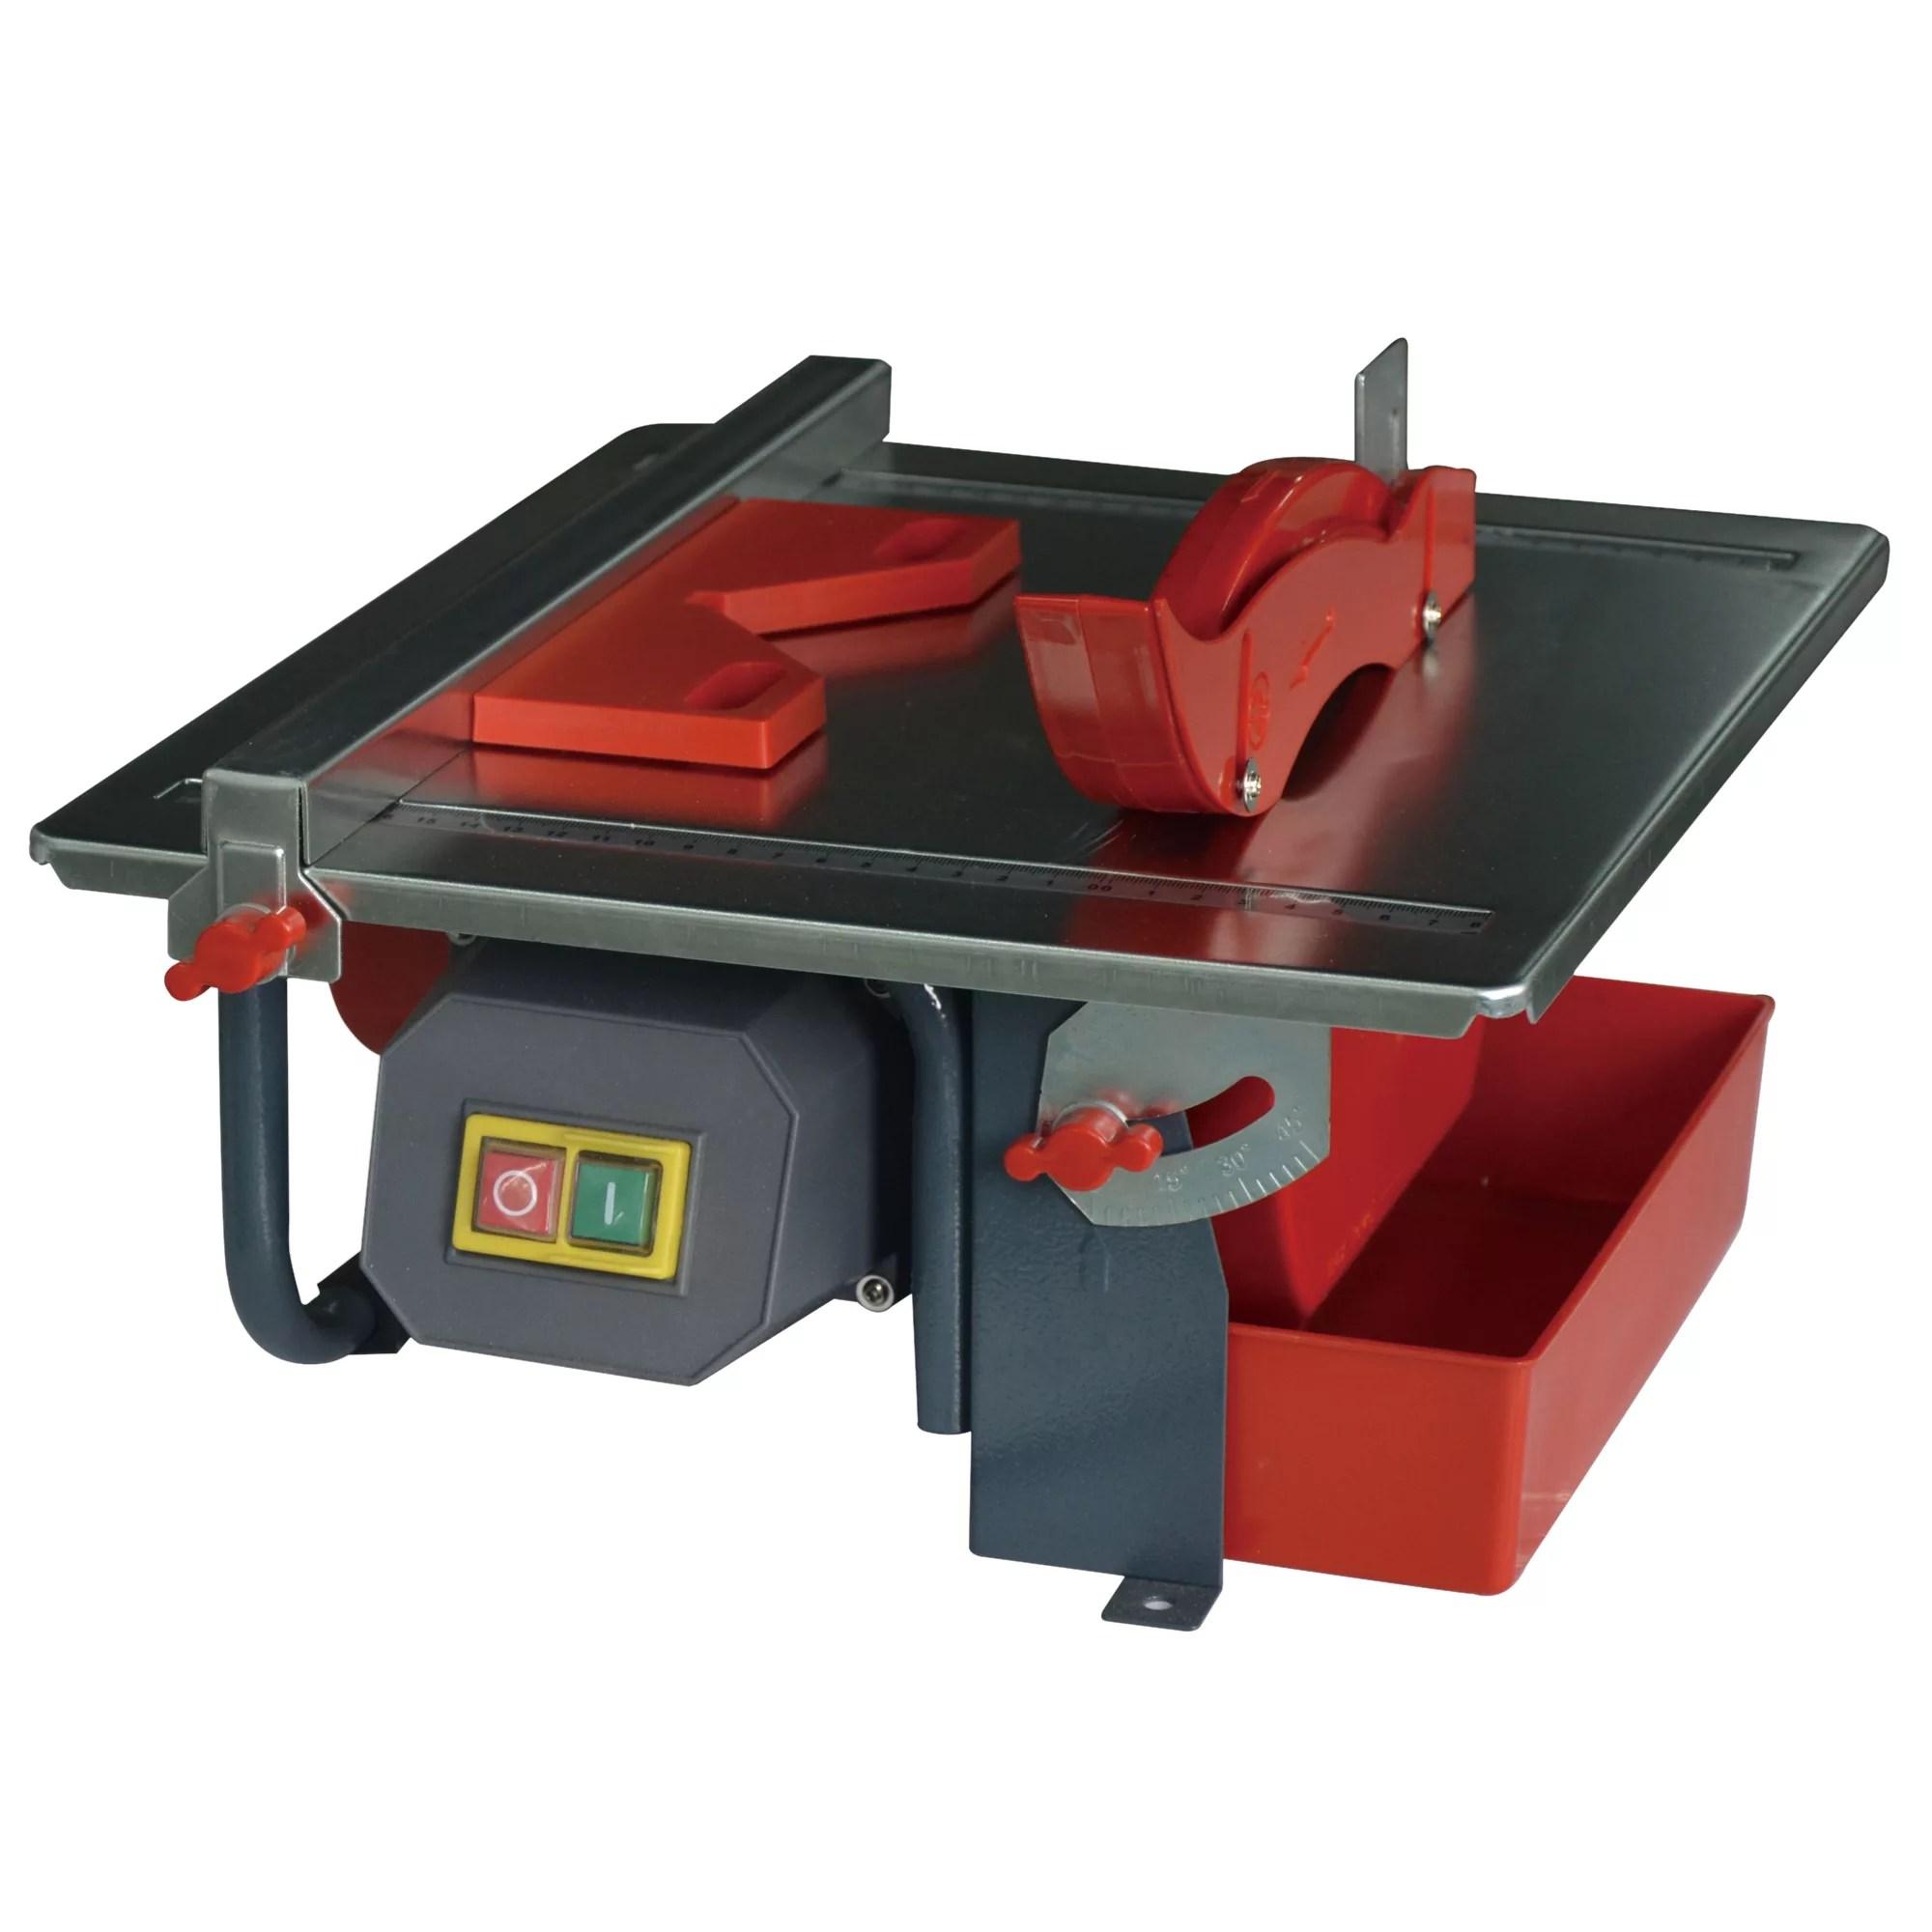 performance power 450w 230 240v tile cutter ptc450e